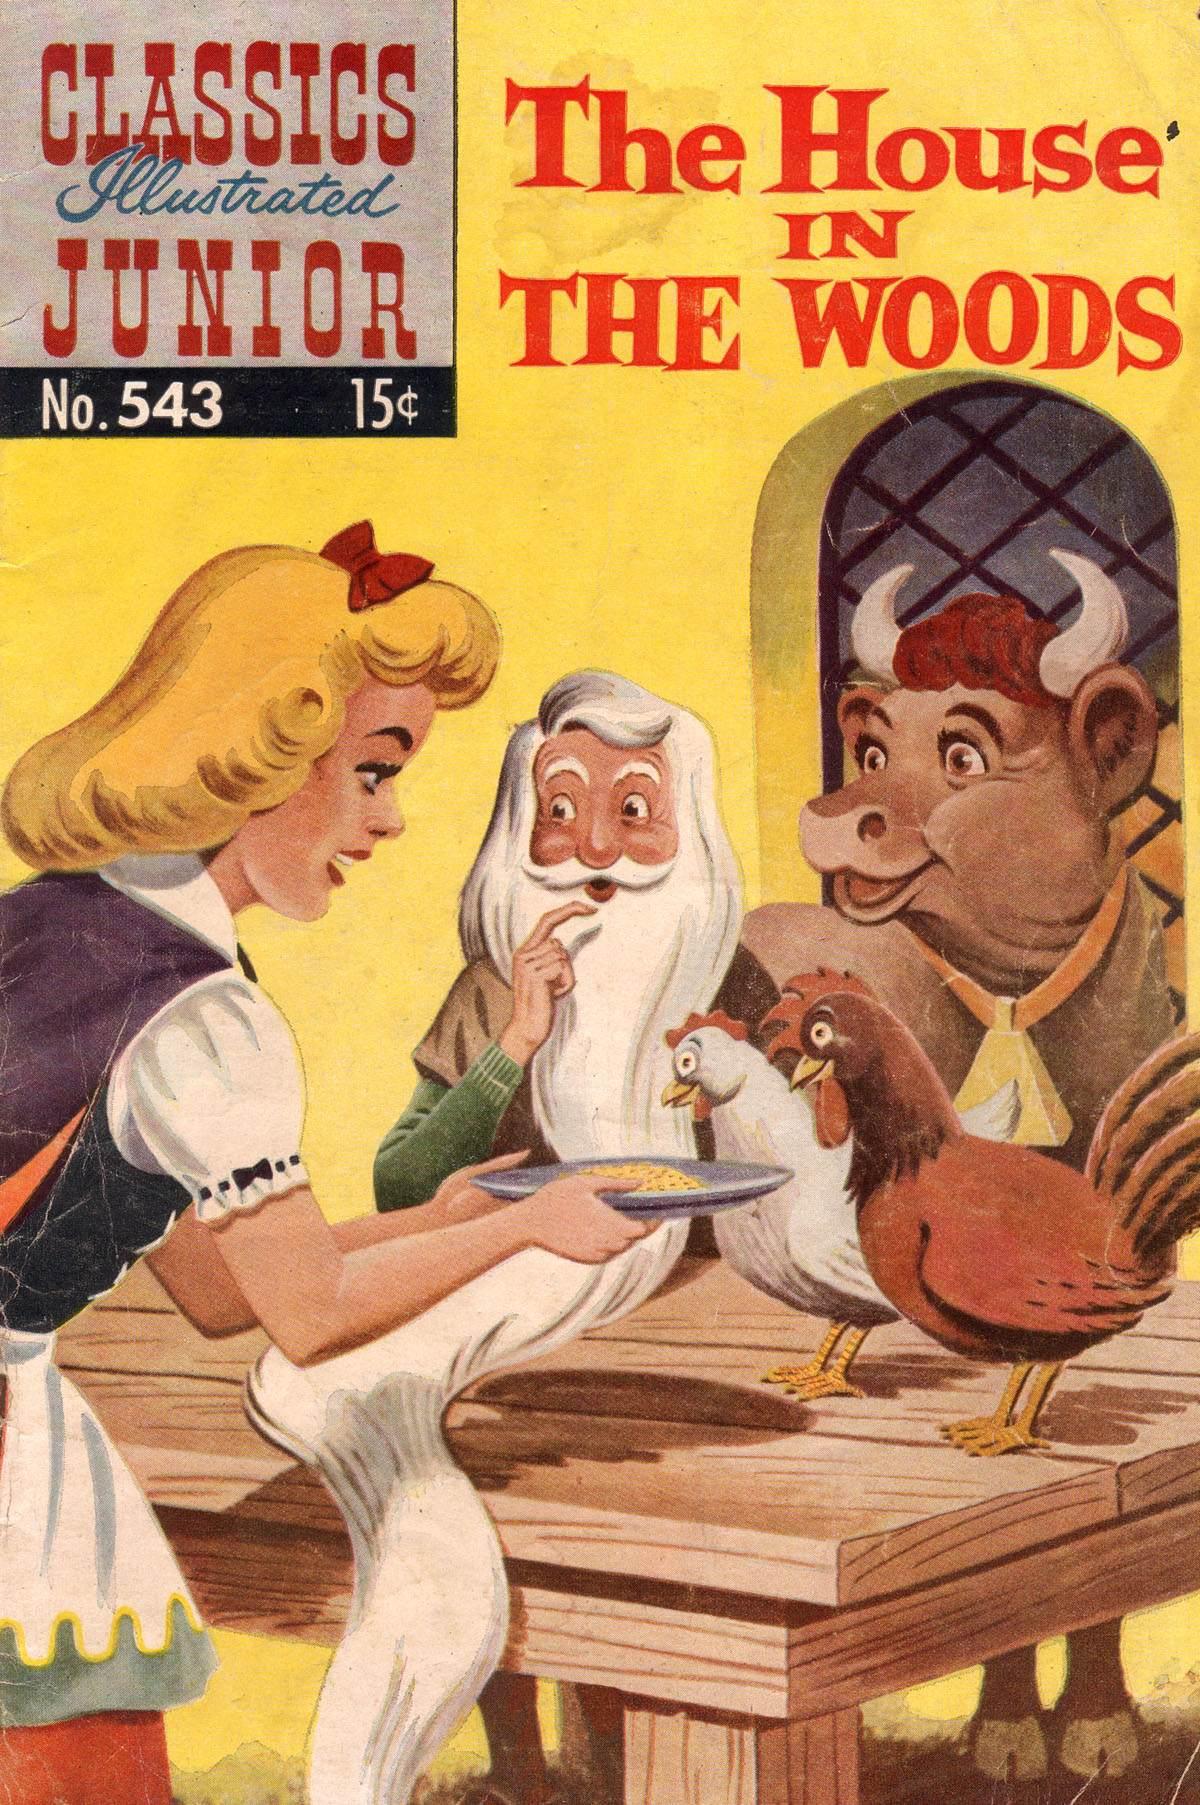 Classics Illustrated Junior 543 Page 1